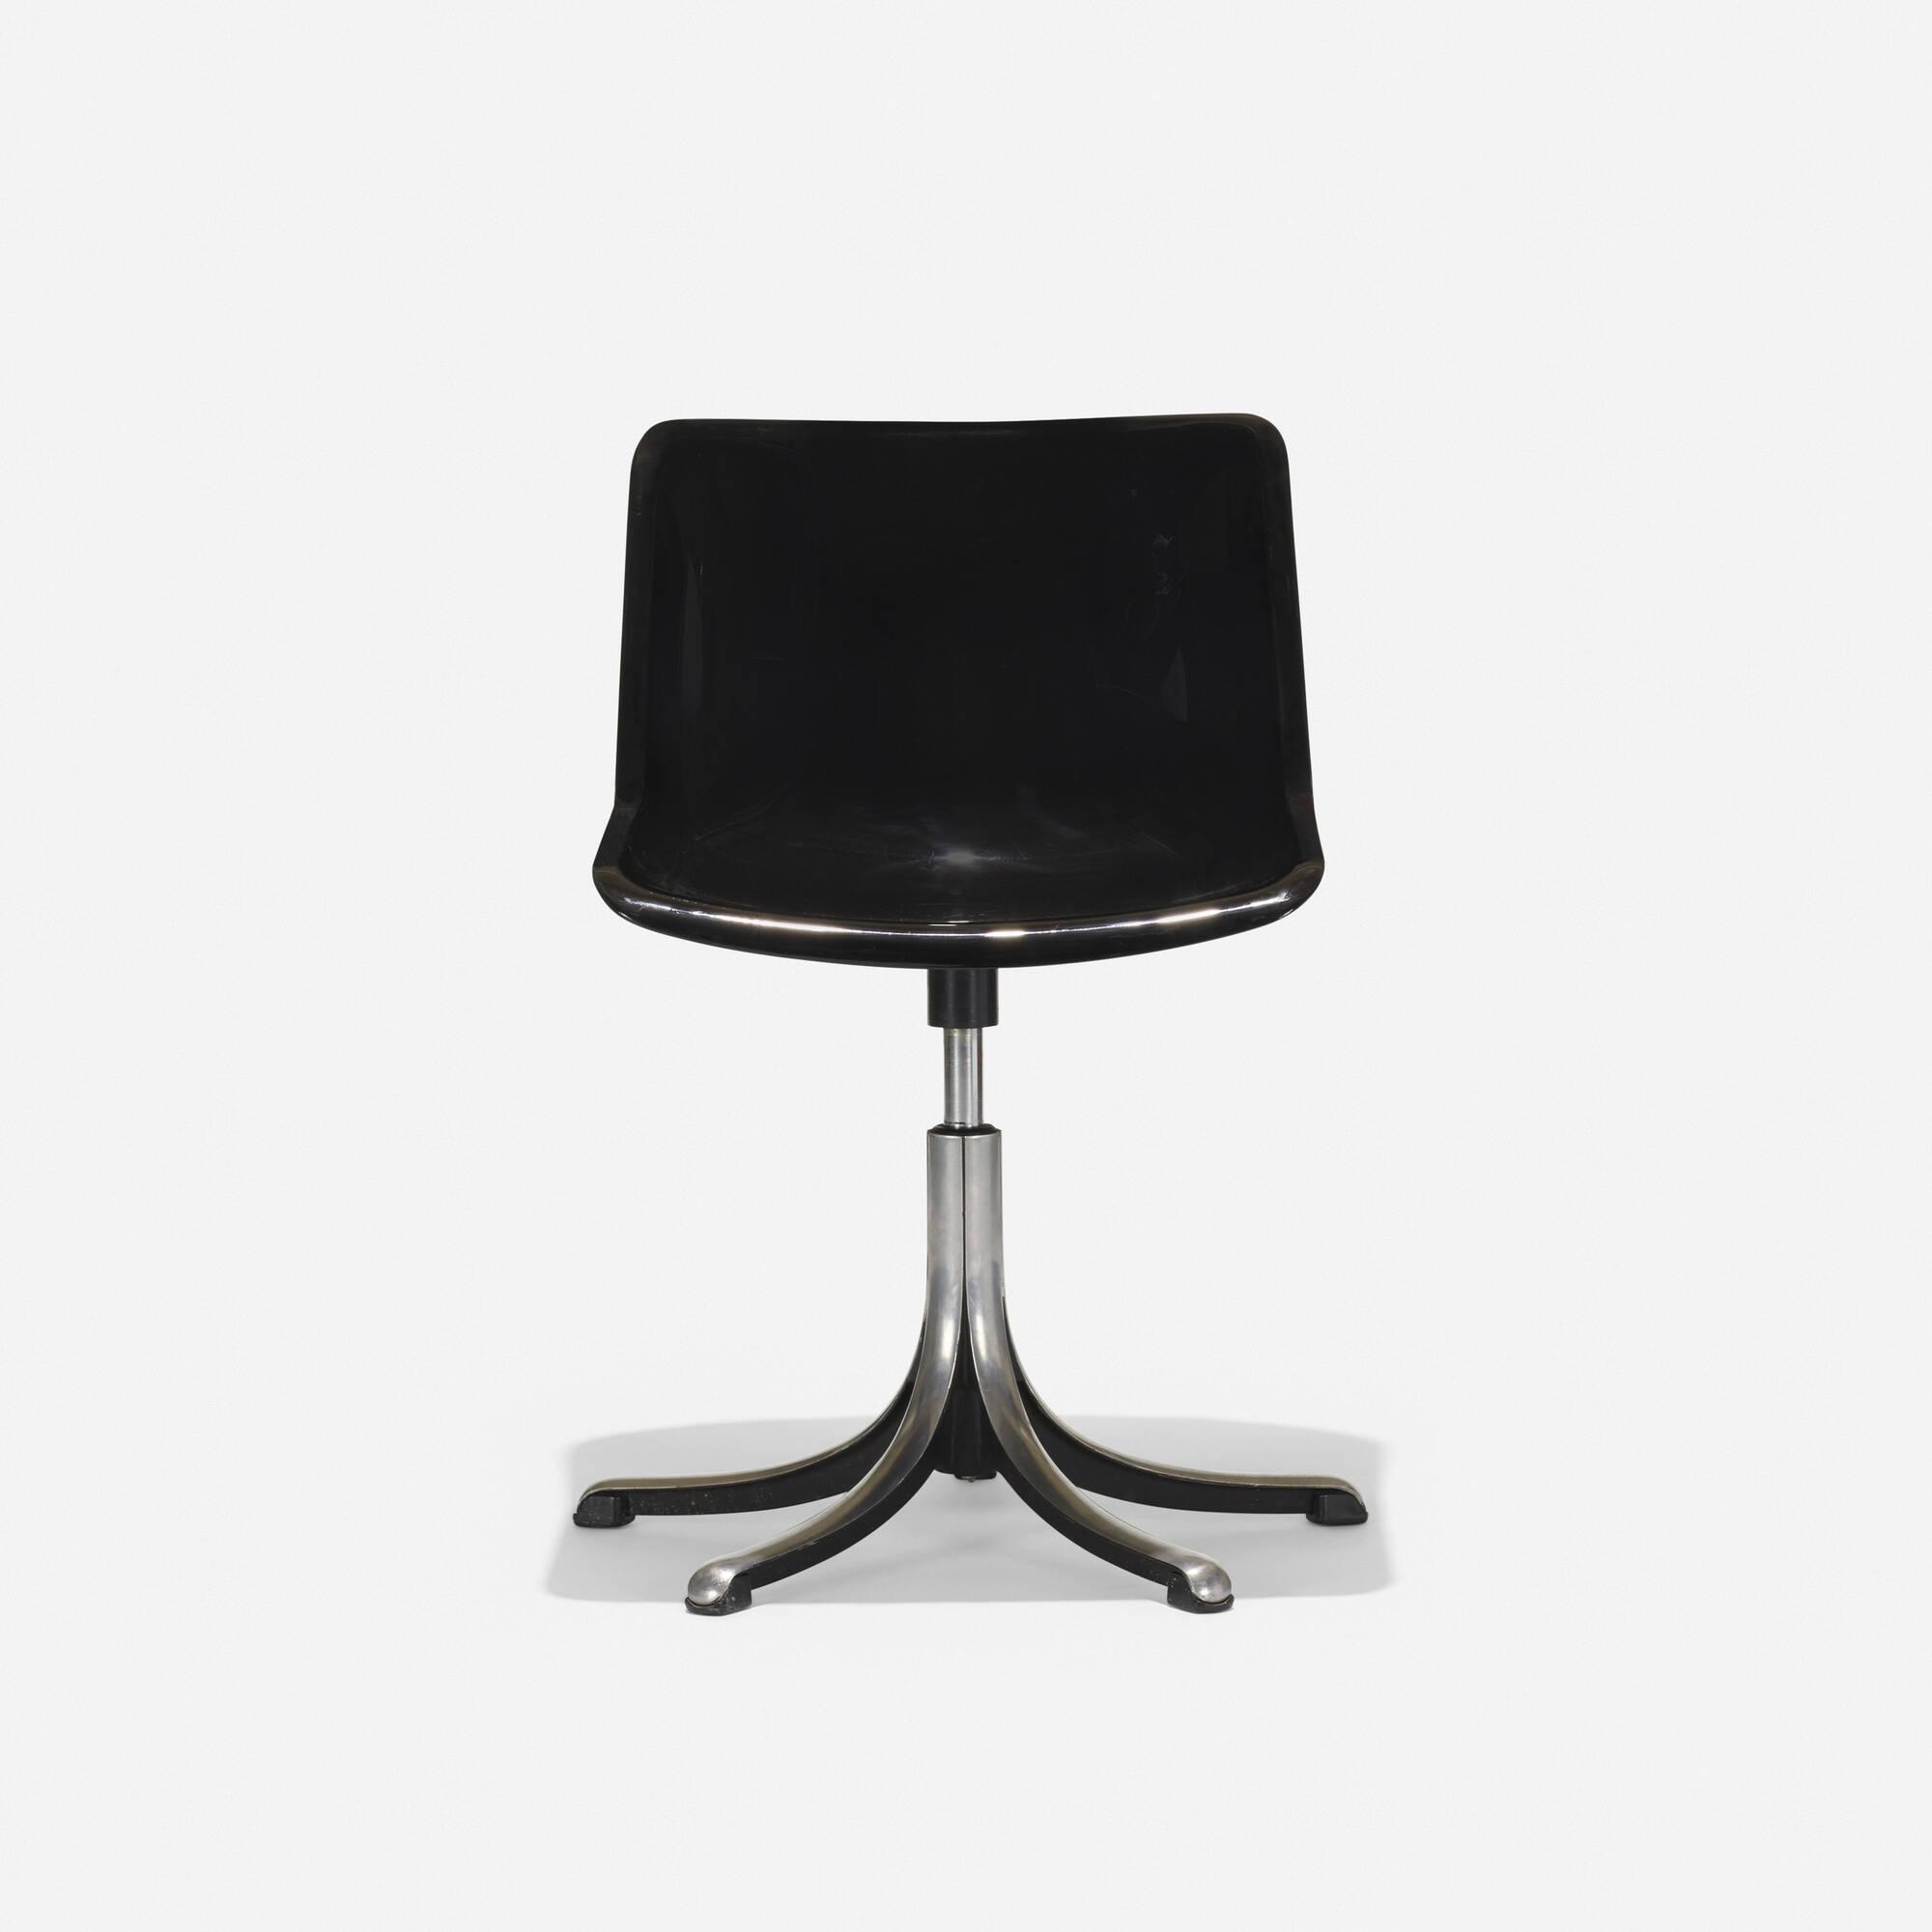 239: Osvaldo Borsani / Modus chair (1 of 3)